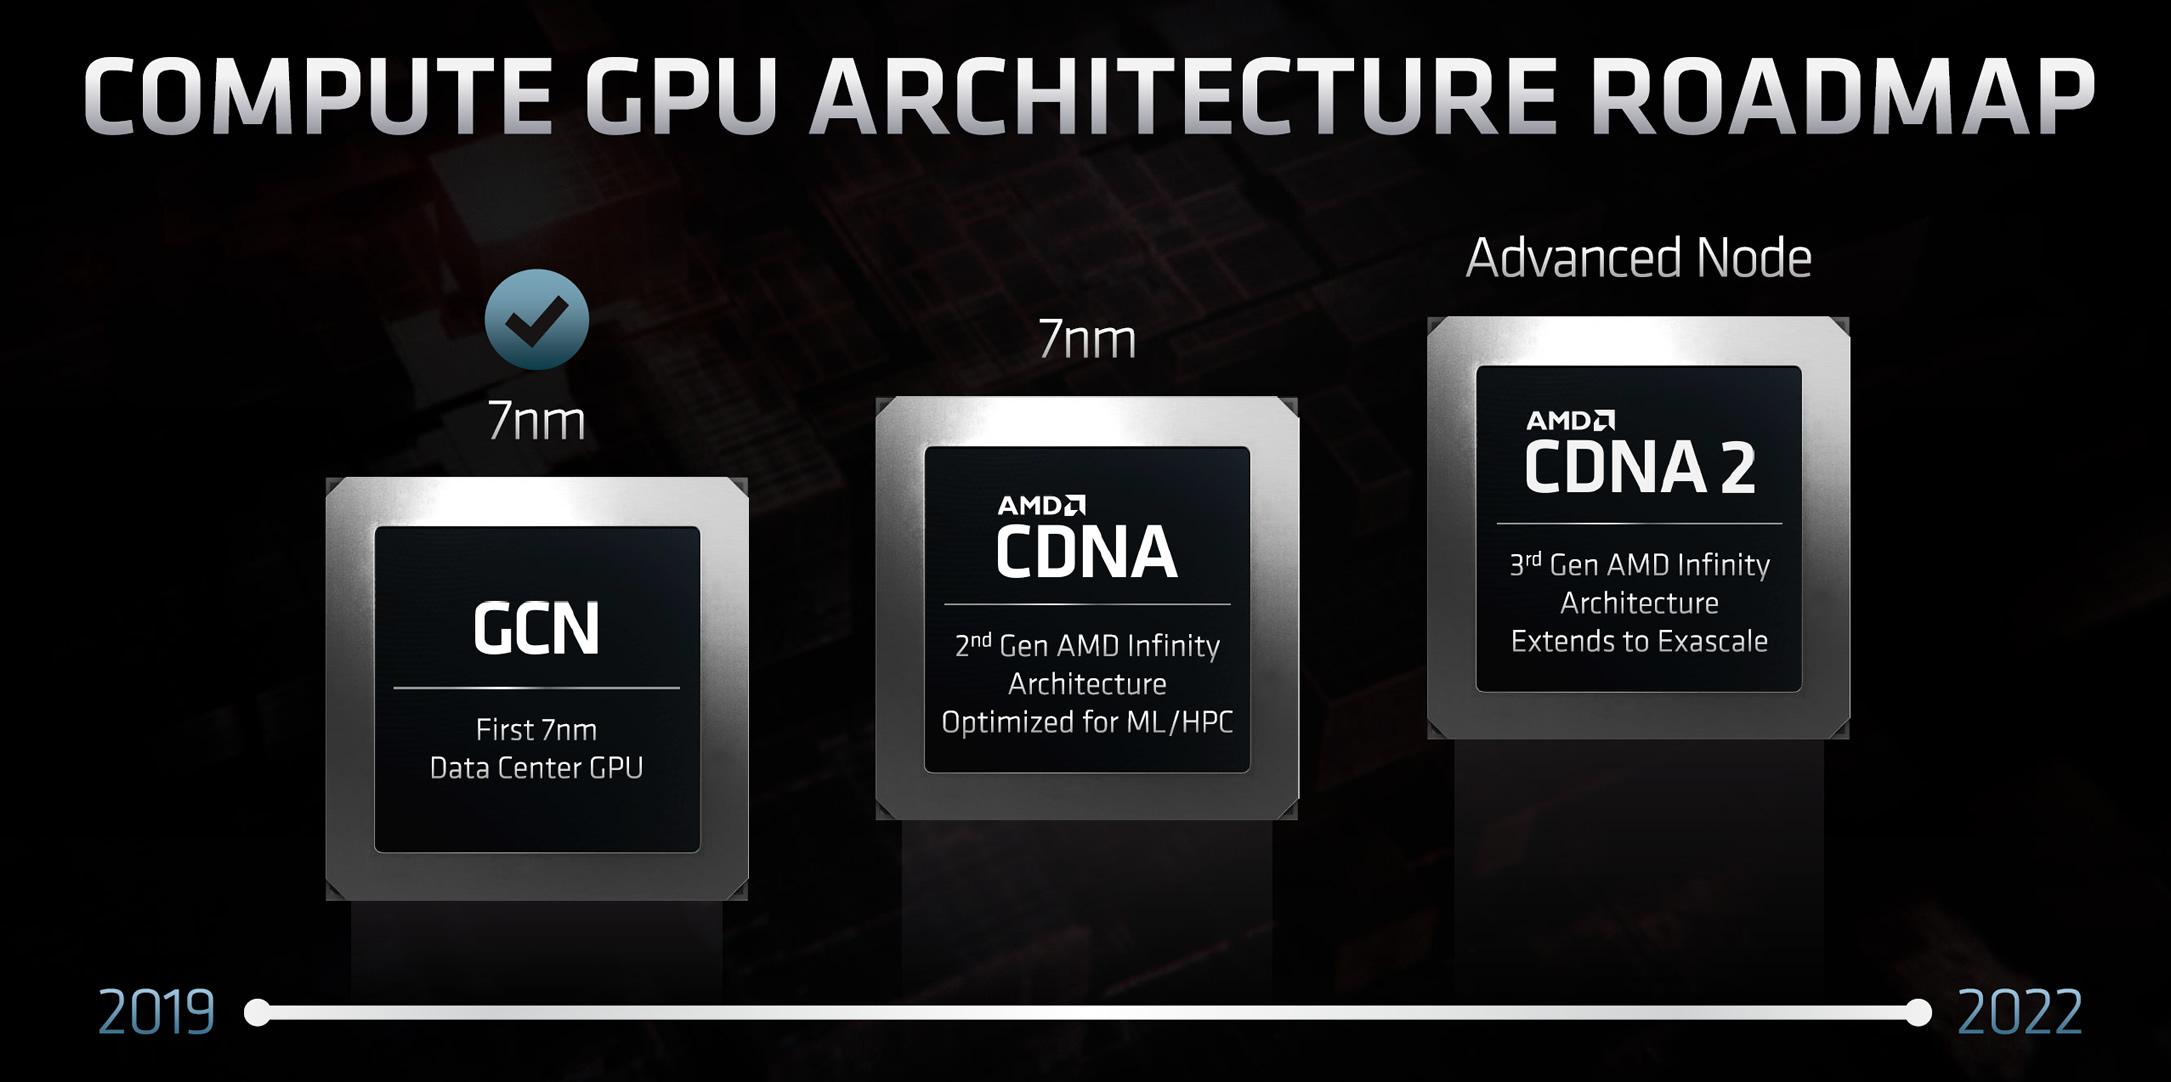 AMD CDNA and CDNA2 graphic architecture